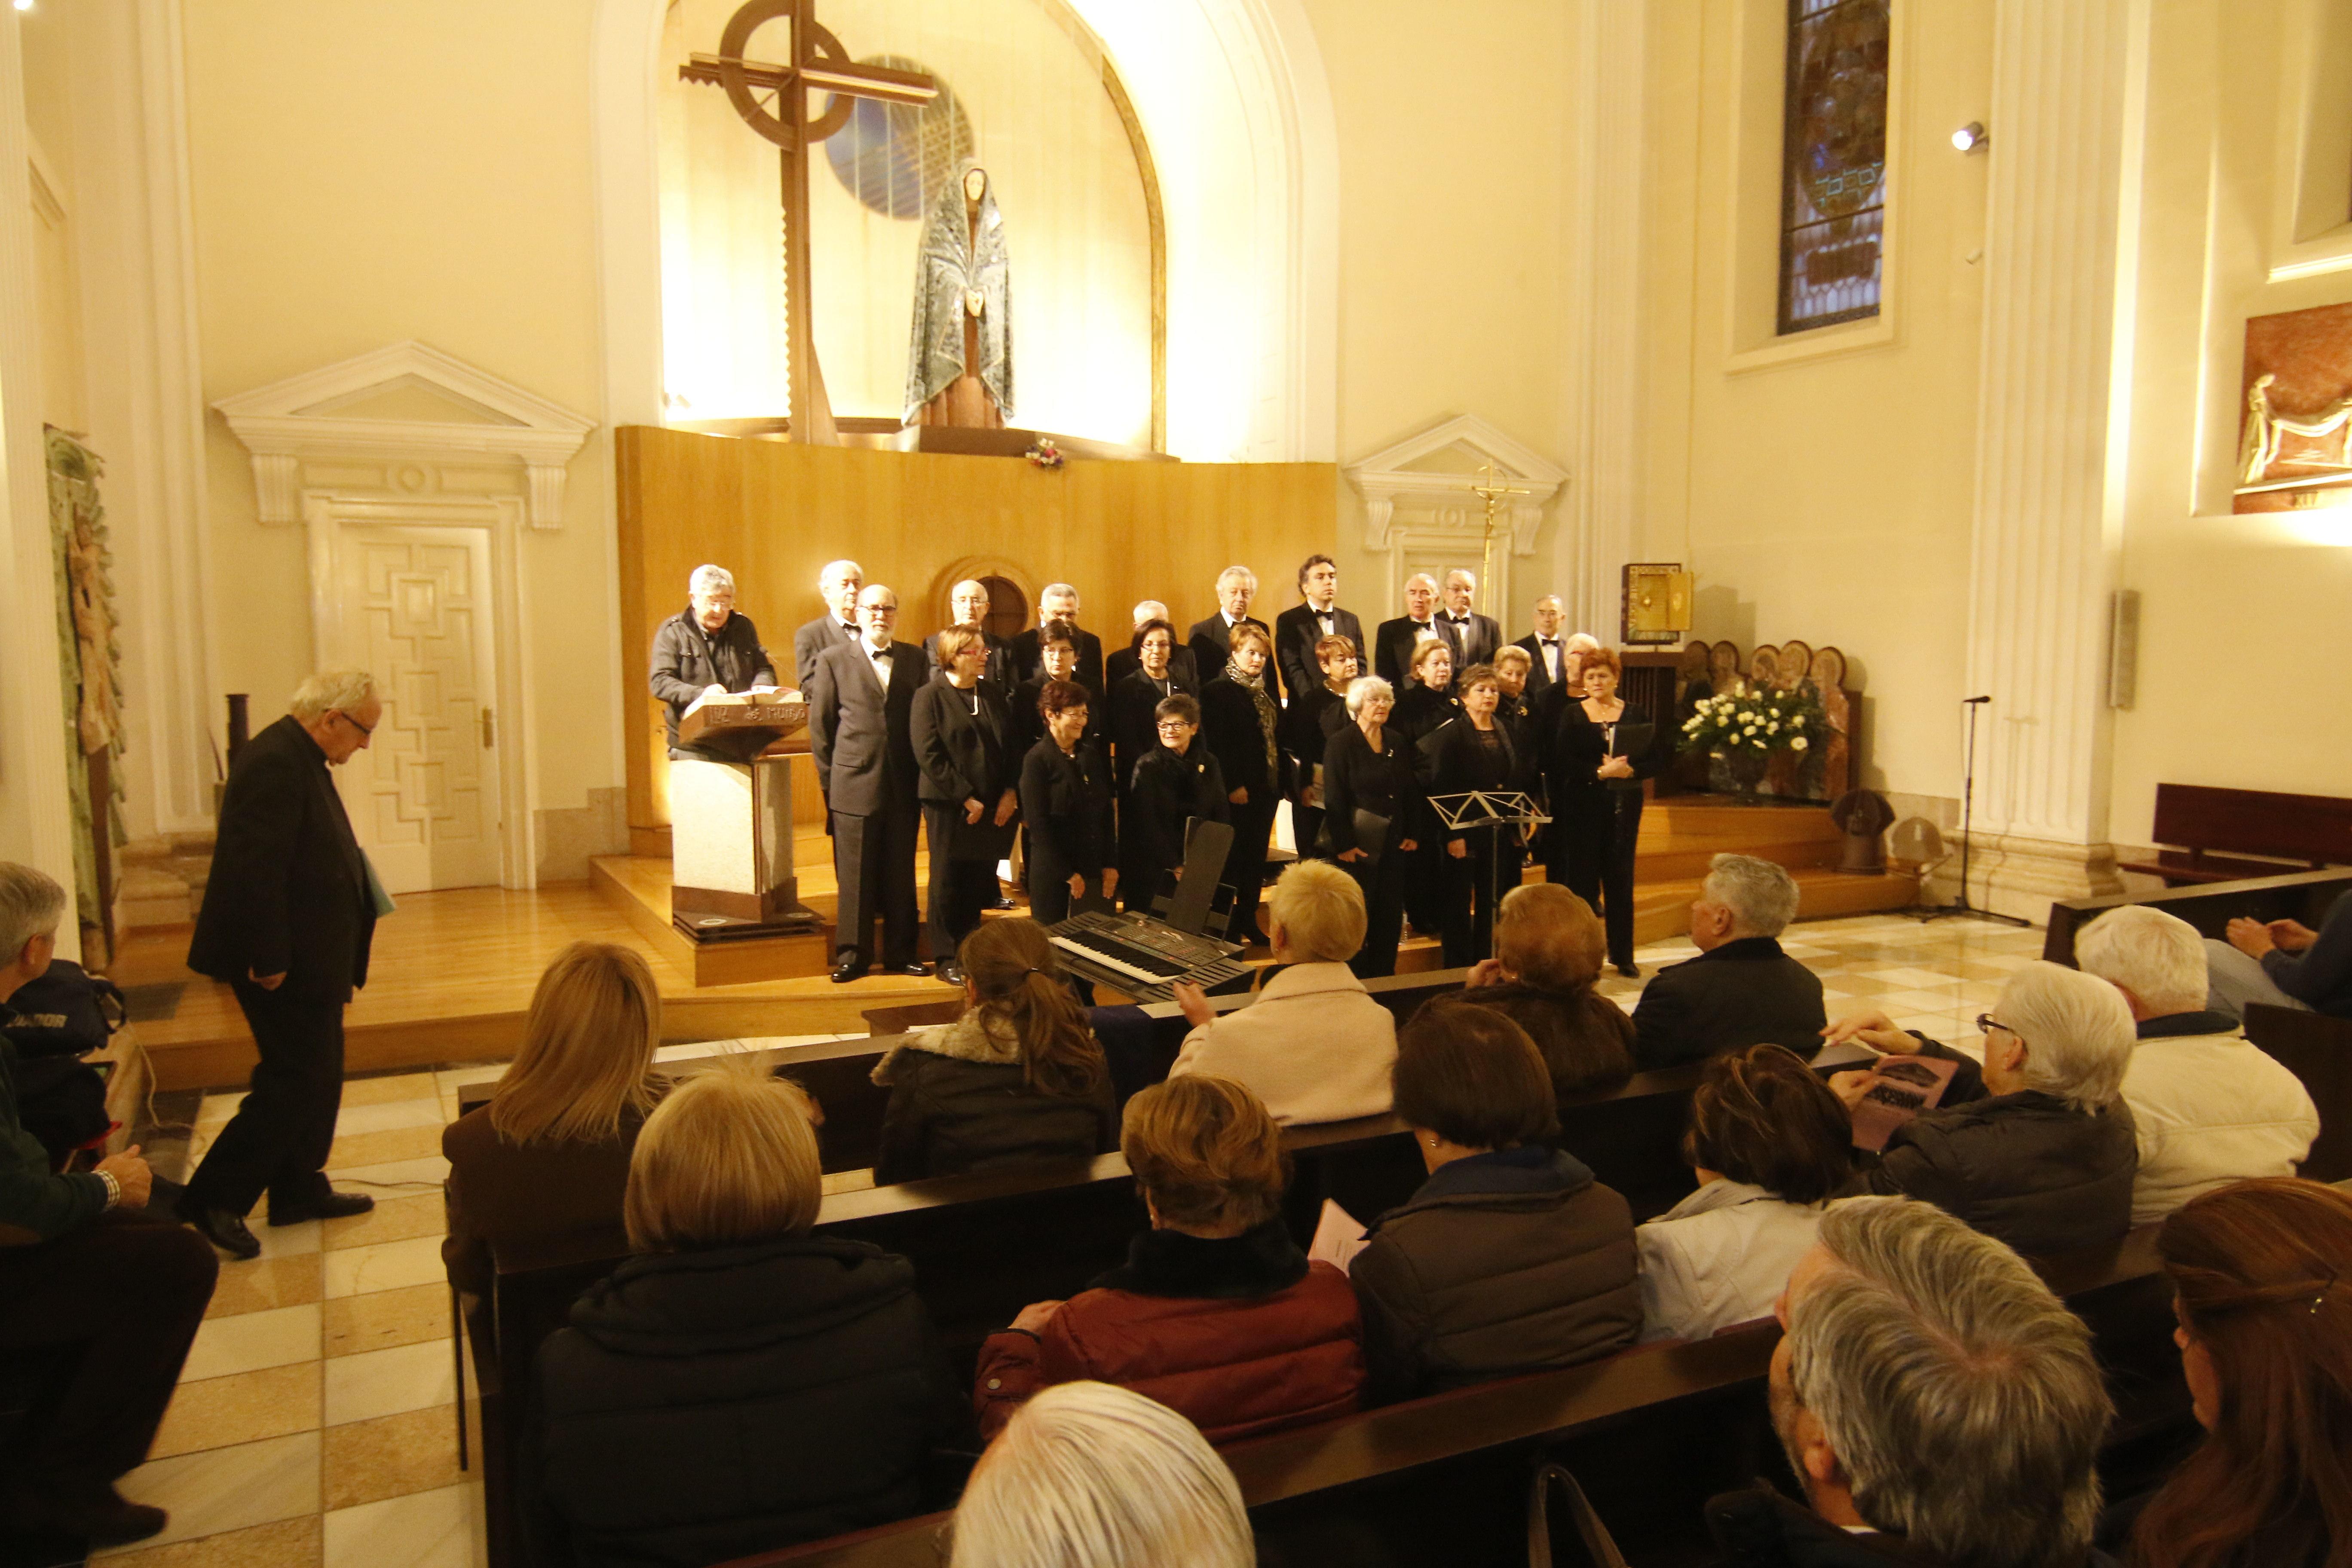 La soledad abre el ciclo de conciertos de semana santa for Concierto hoy en santiago